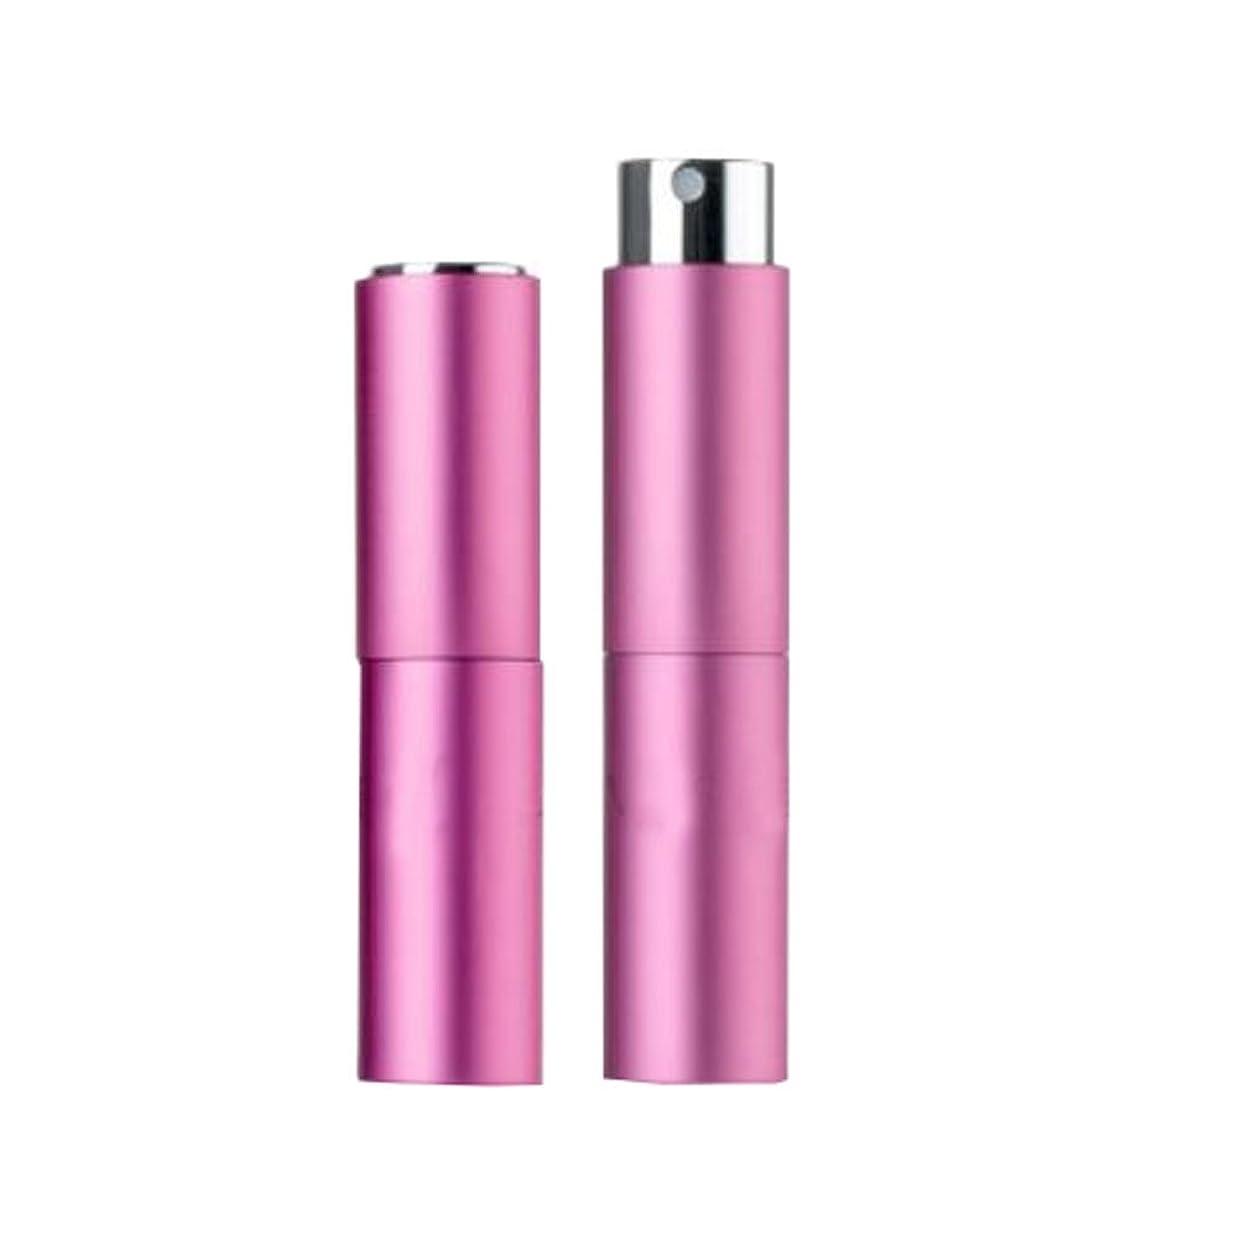 10g詰め替え可能な化粧品ボトルポータブル旅行空クリームジャー(2 PCS)-A3